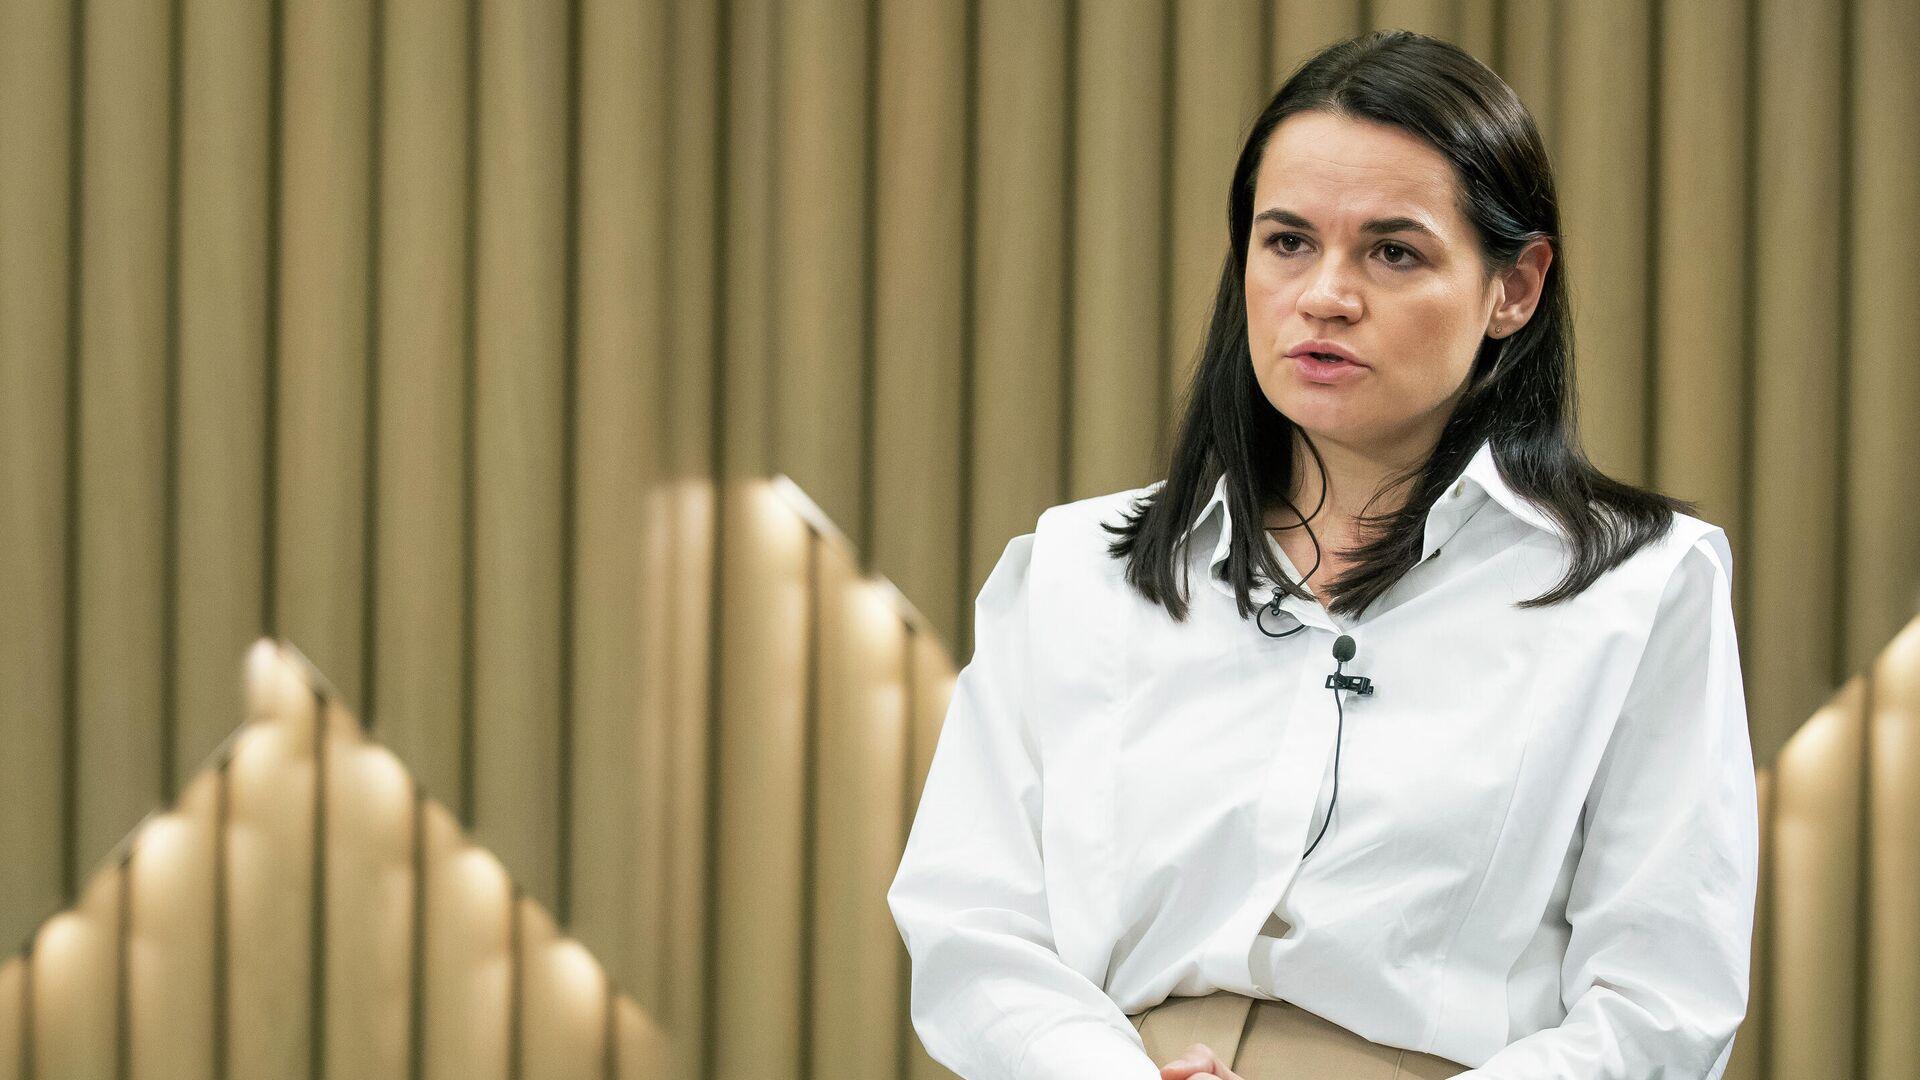 Светлана Тихановская во время интервью в Вильнюсе, Литва - РИА Новости, 1920, 23.09.2020